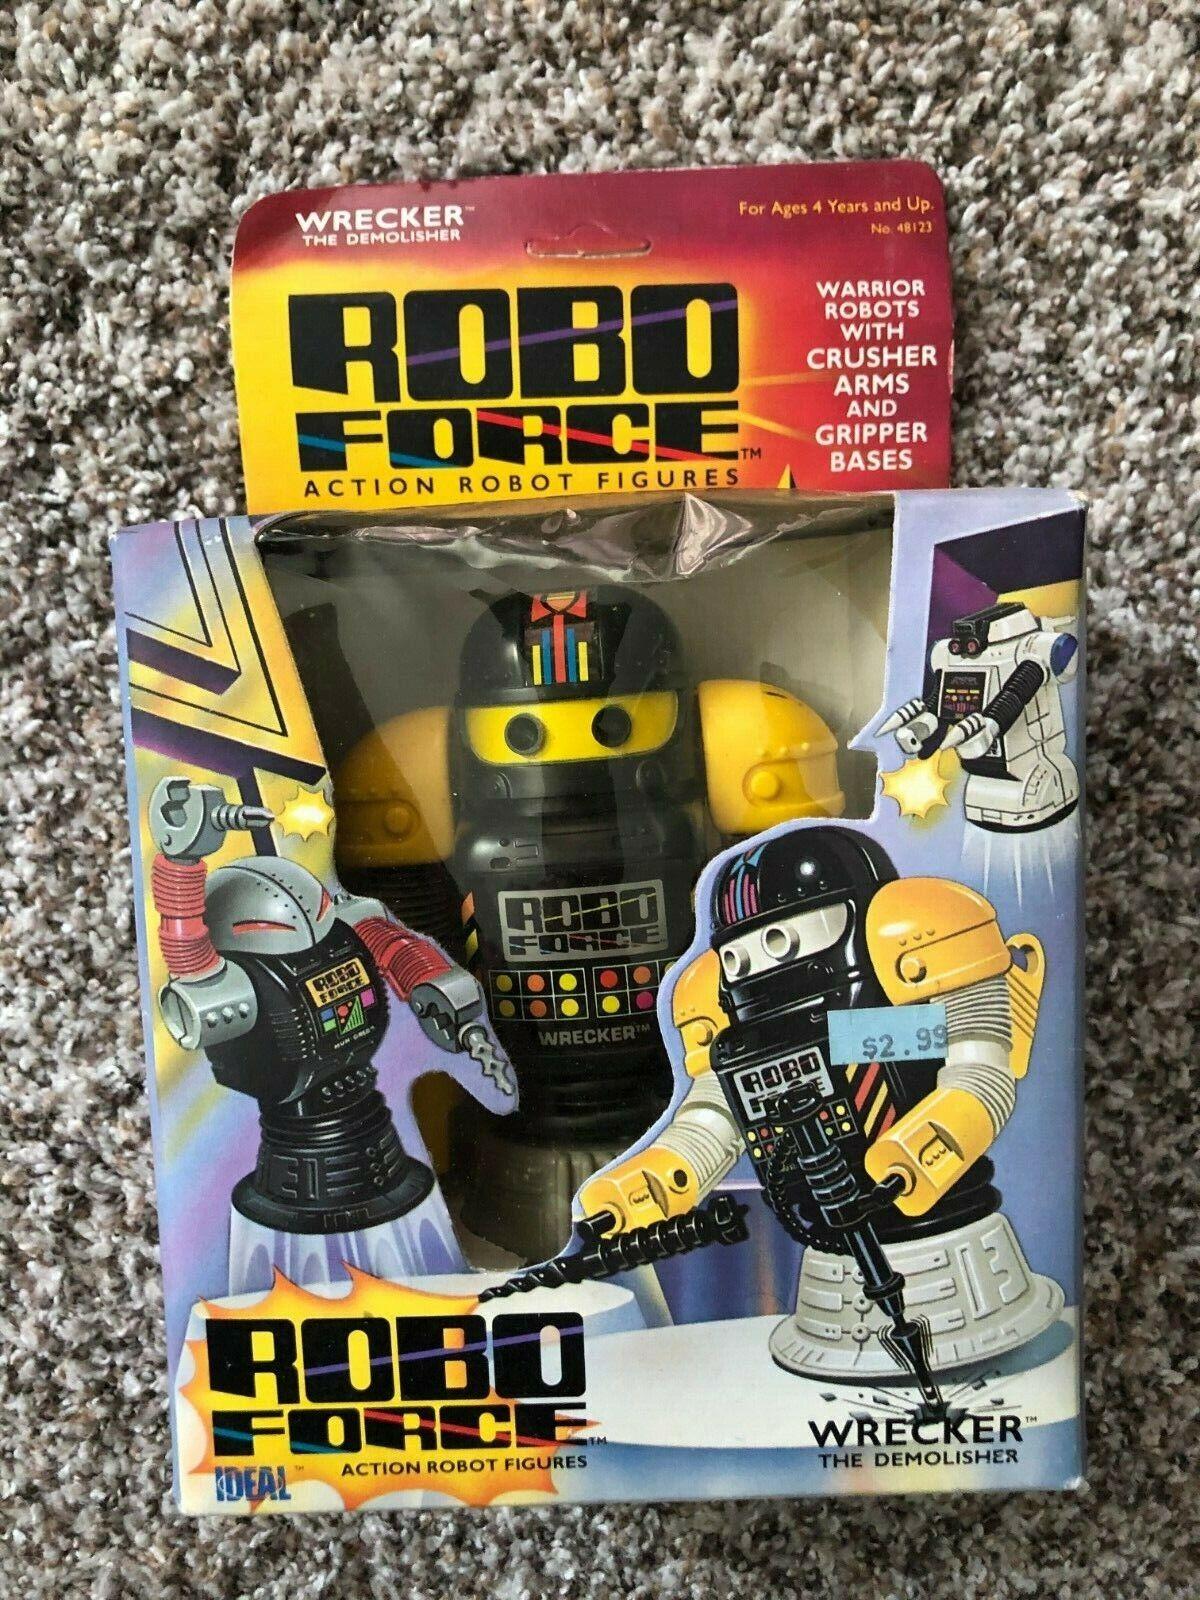 1984 IDEAL CBS giocattoli ROBO forza DEMOLITORE la DEMOLISHER mai tolto dtuttia scatola la cifra di